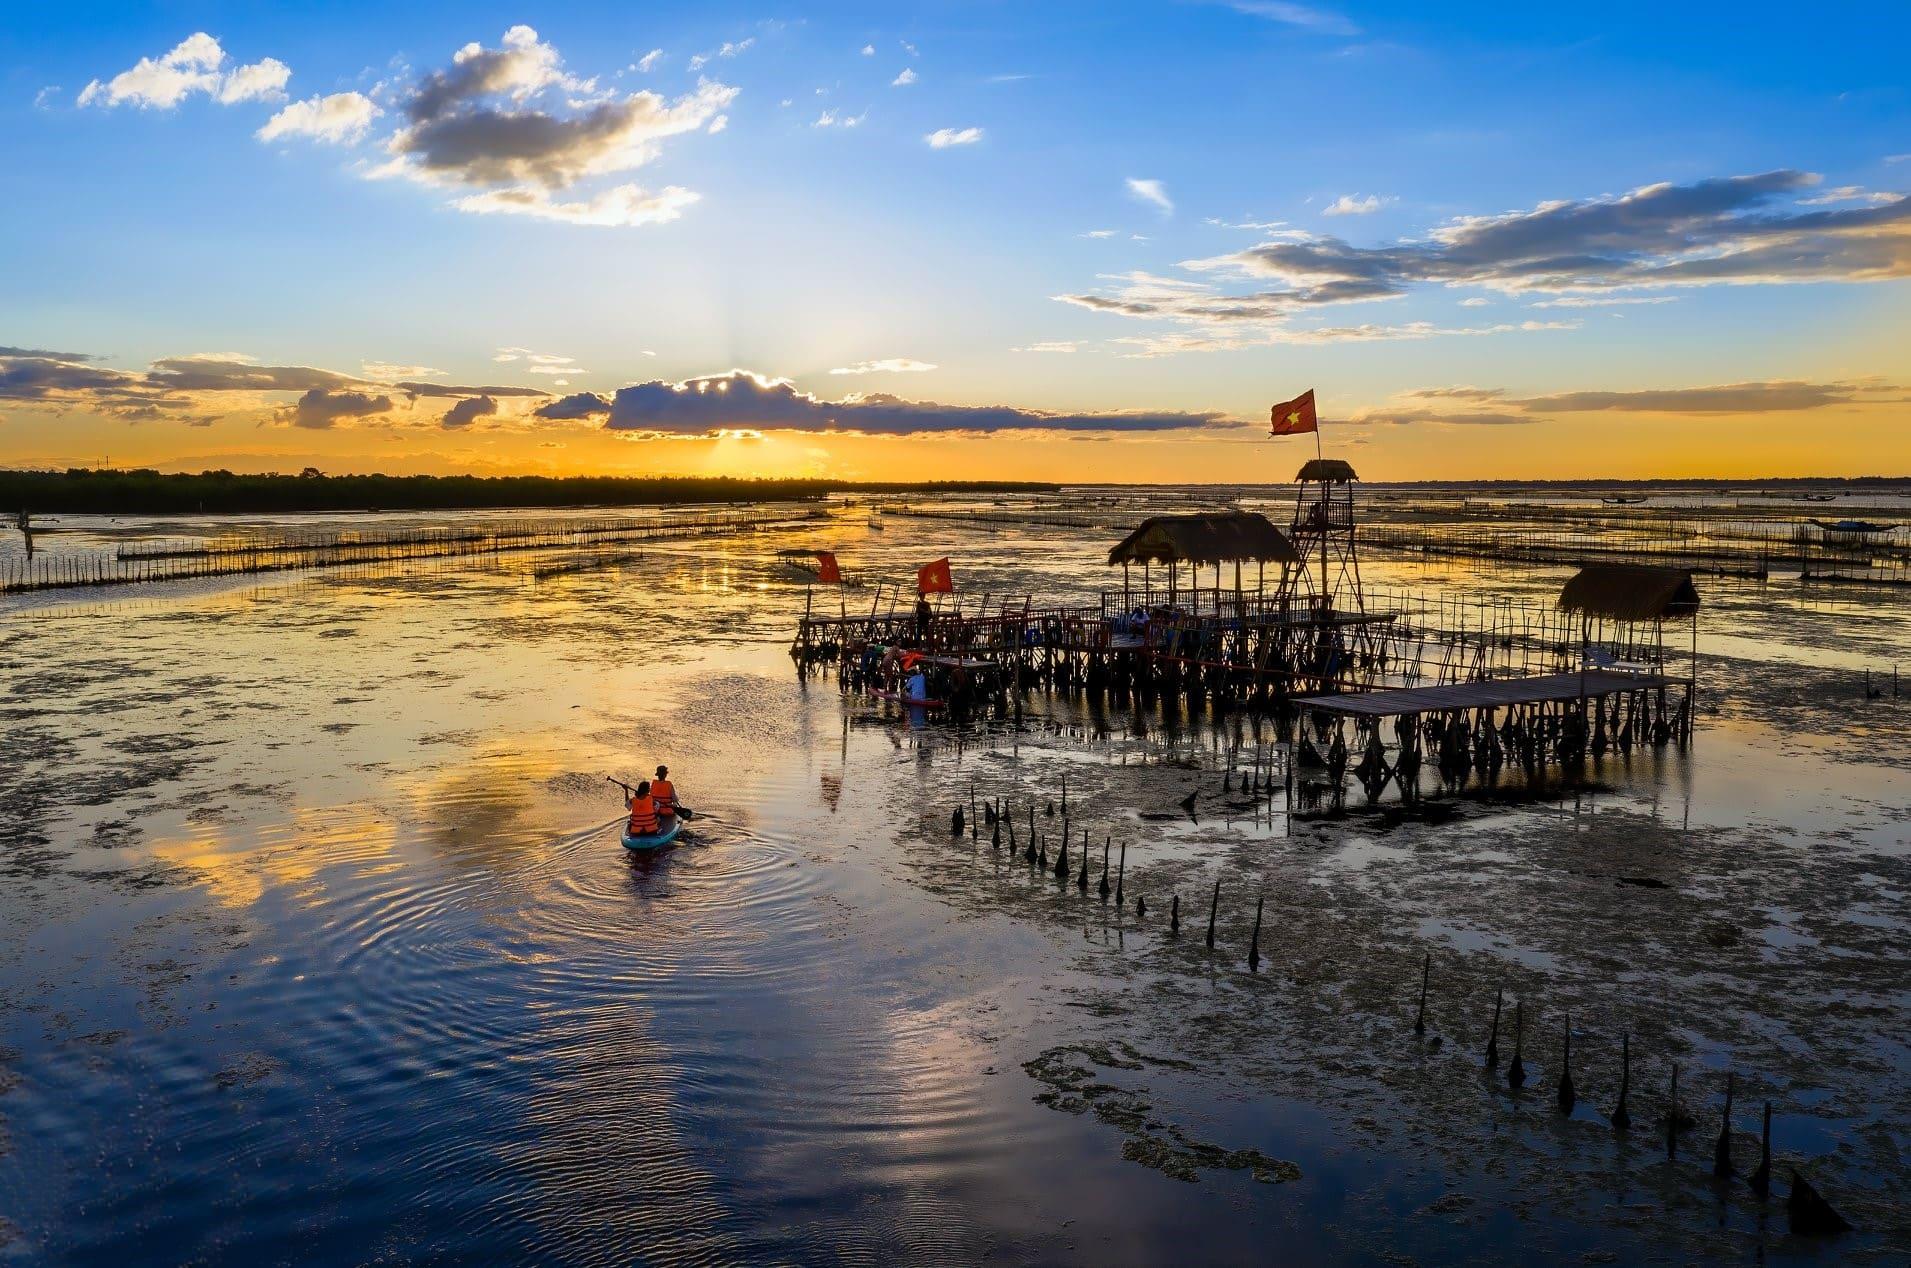 Hue Photo Tour- Culture Pham Travel